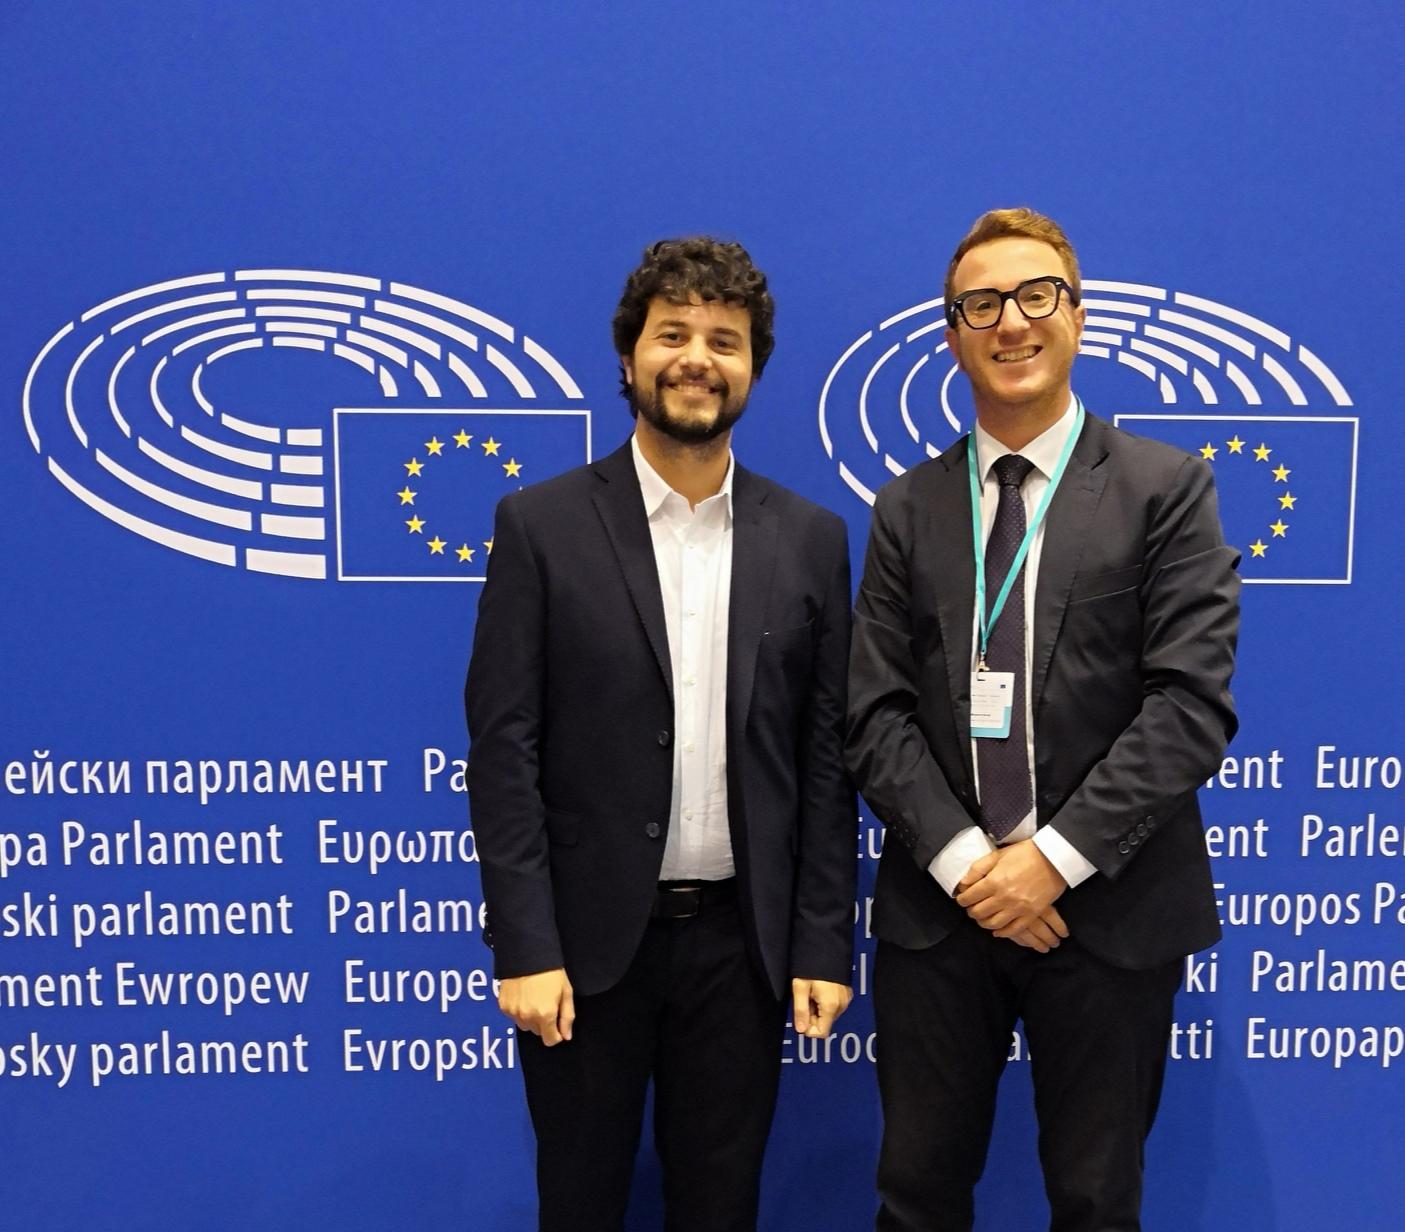 Il Presidente del Consiglio Comunale Romano a Bruxelles per la settimana europea delle Regioni e dei Comuni